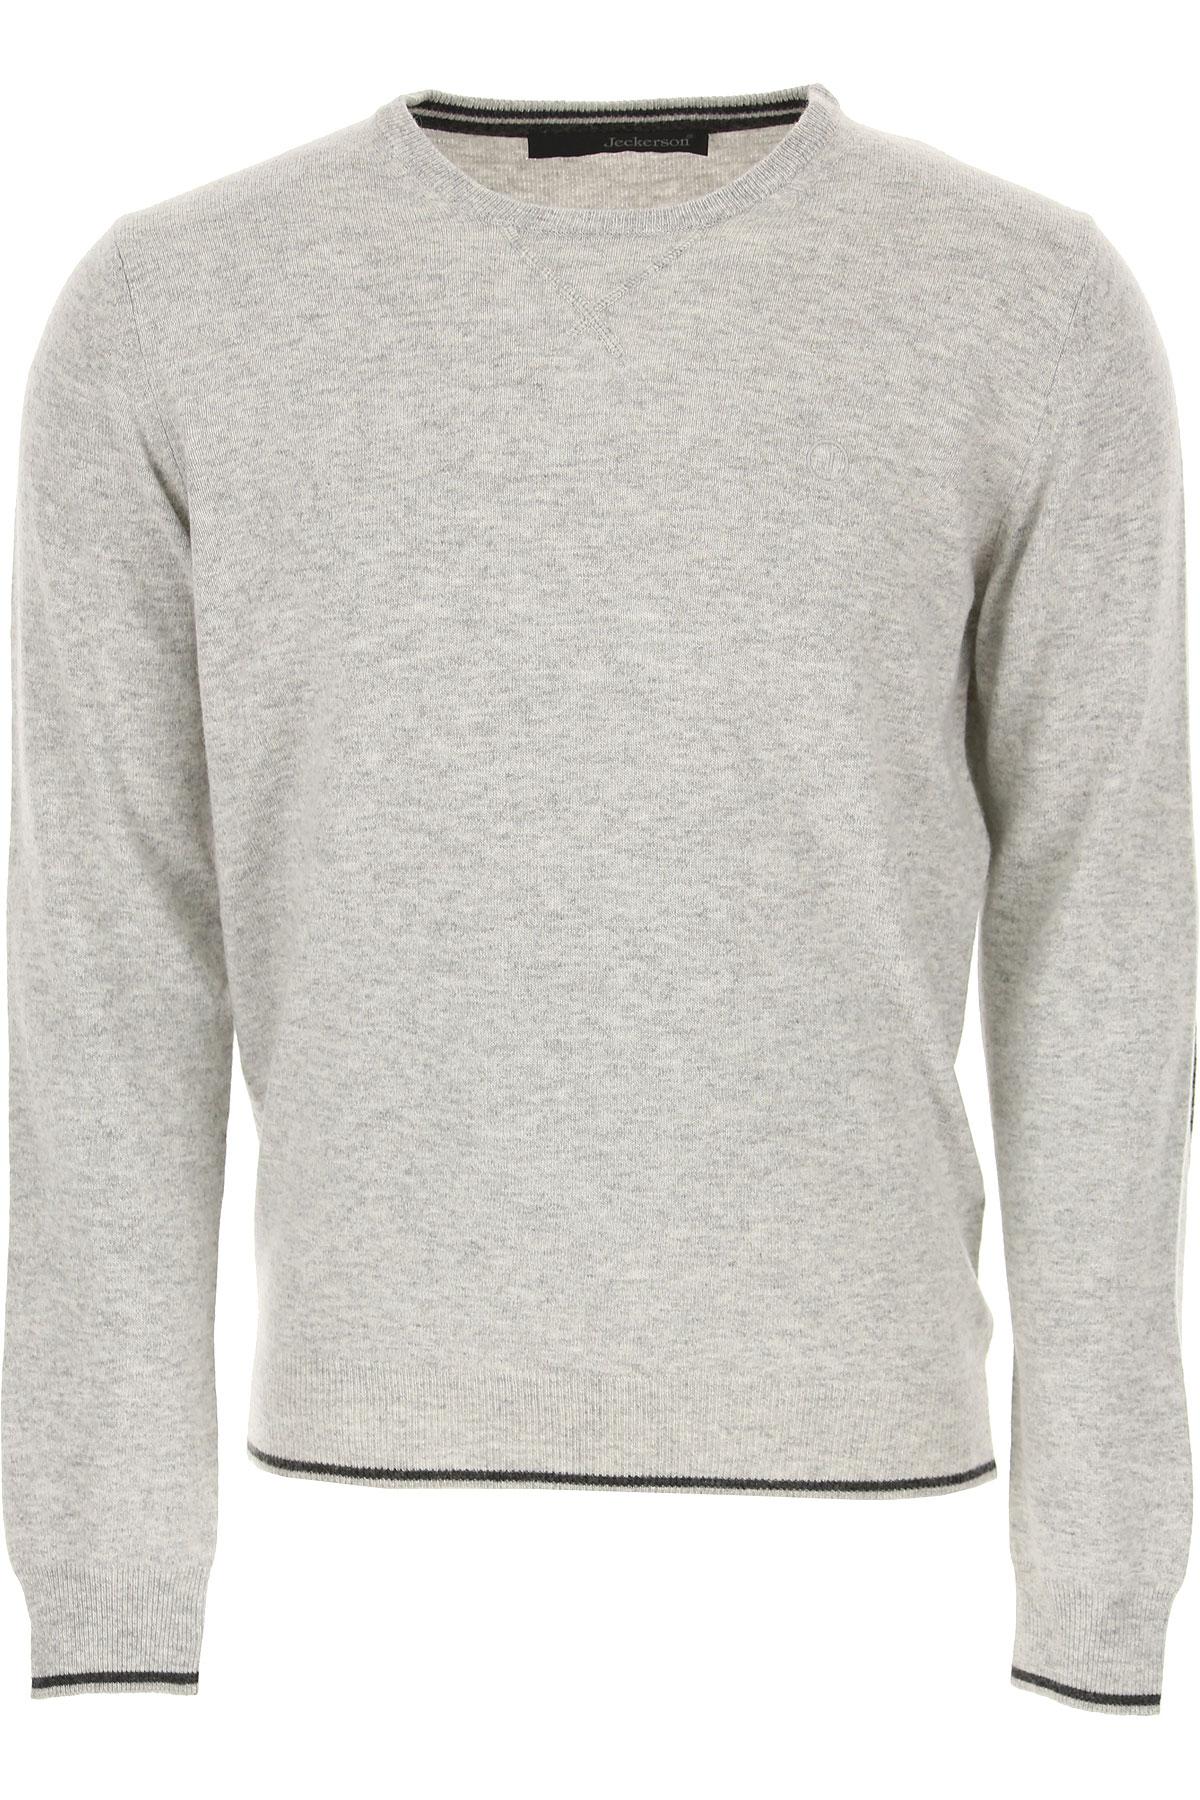 Jeckerson Sweater for Men Jumper, Grey, polyamide, 2019, XL XXL